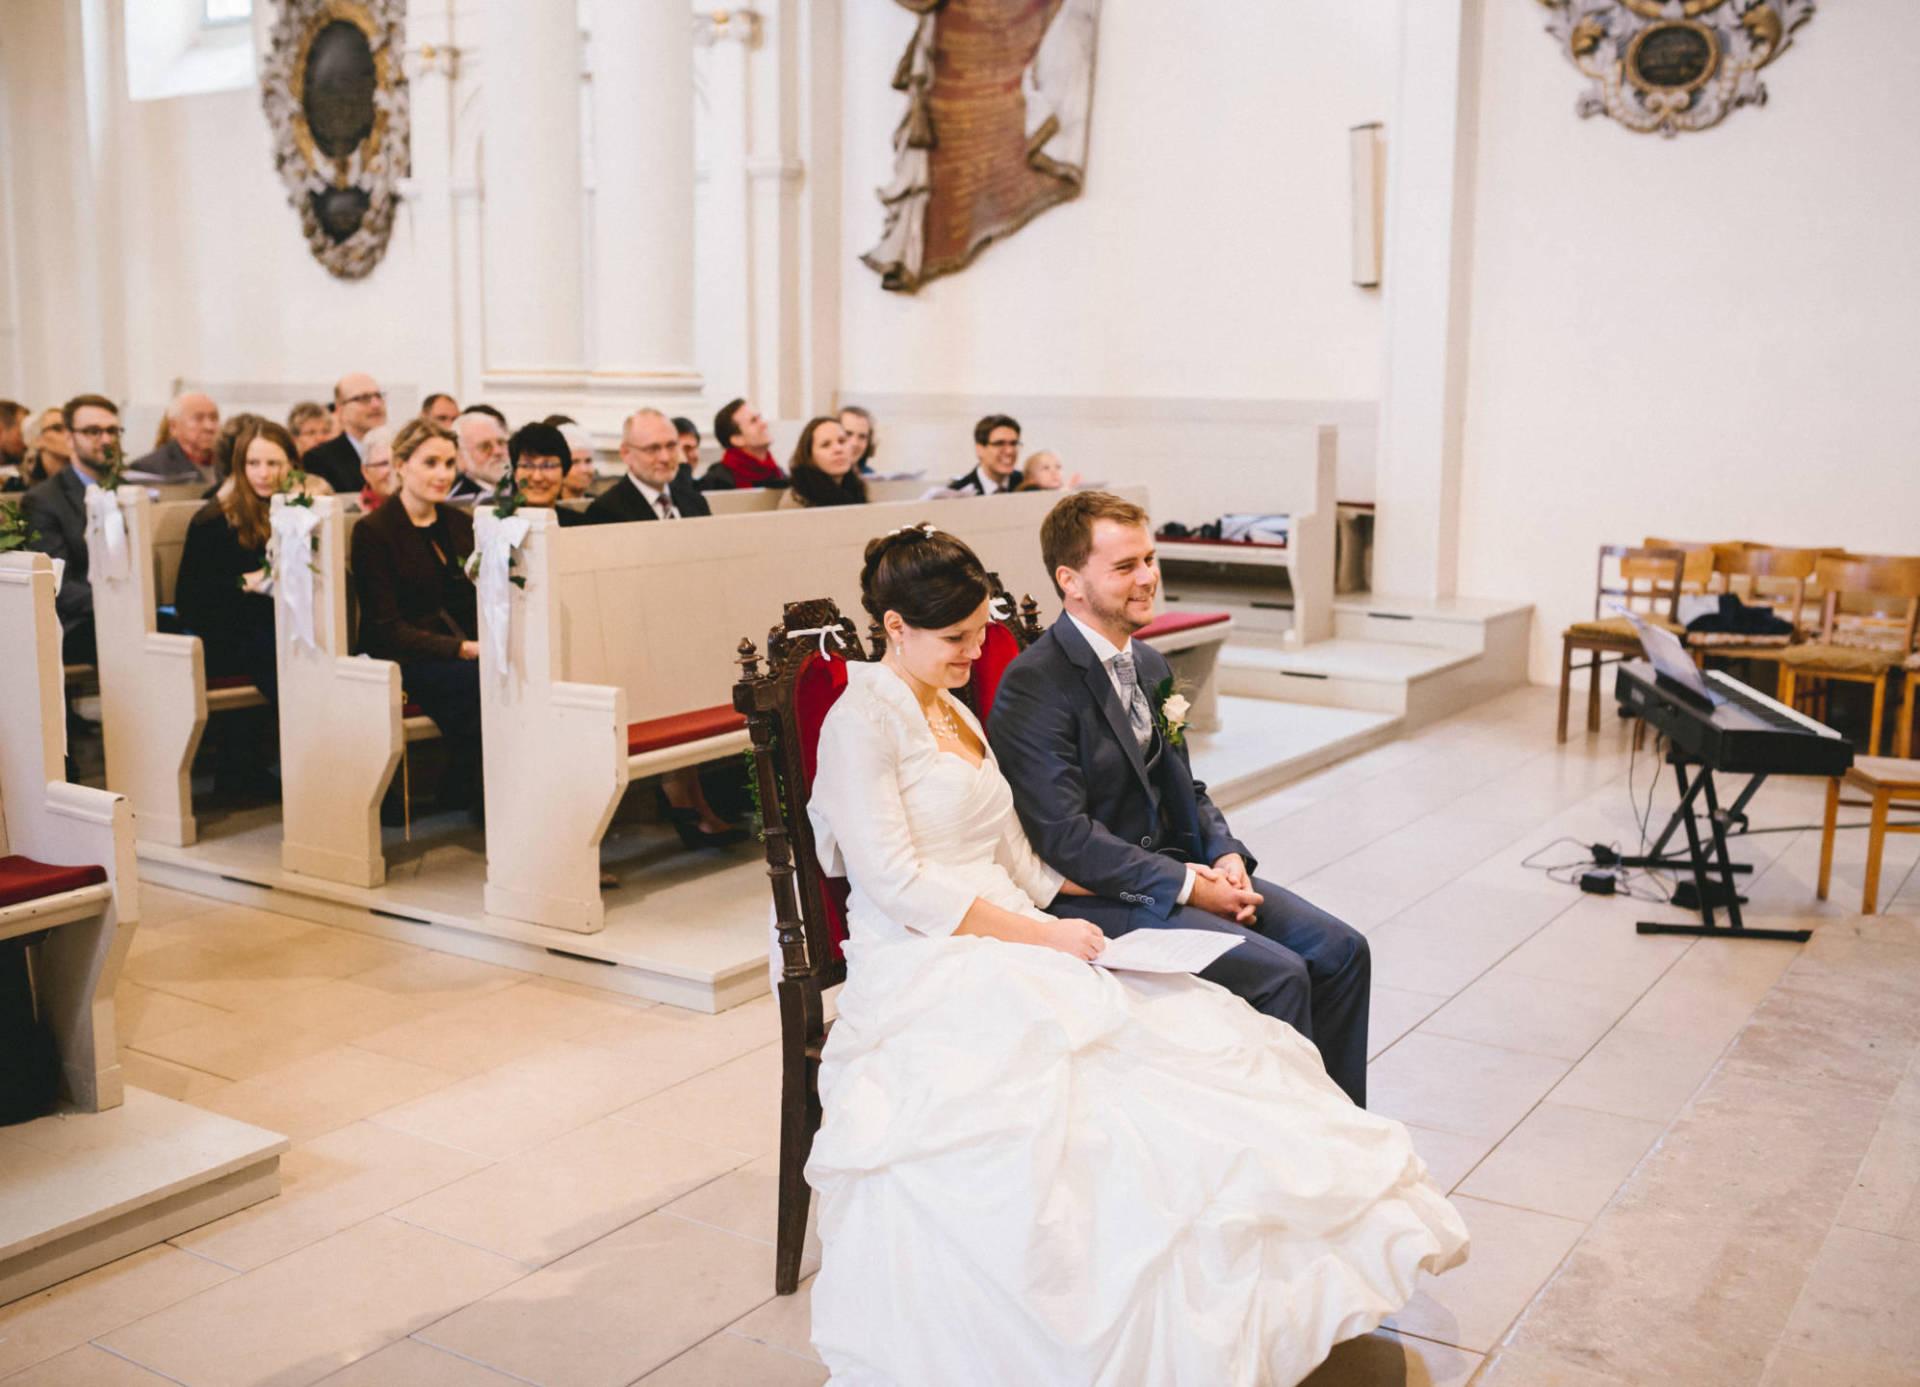 Hochzeitsreportage | Hochzeit im Paradies Jena | 33